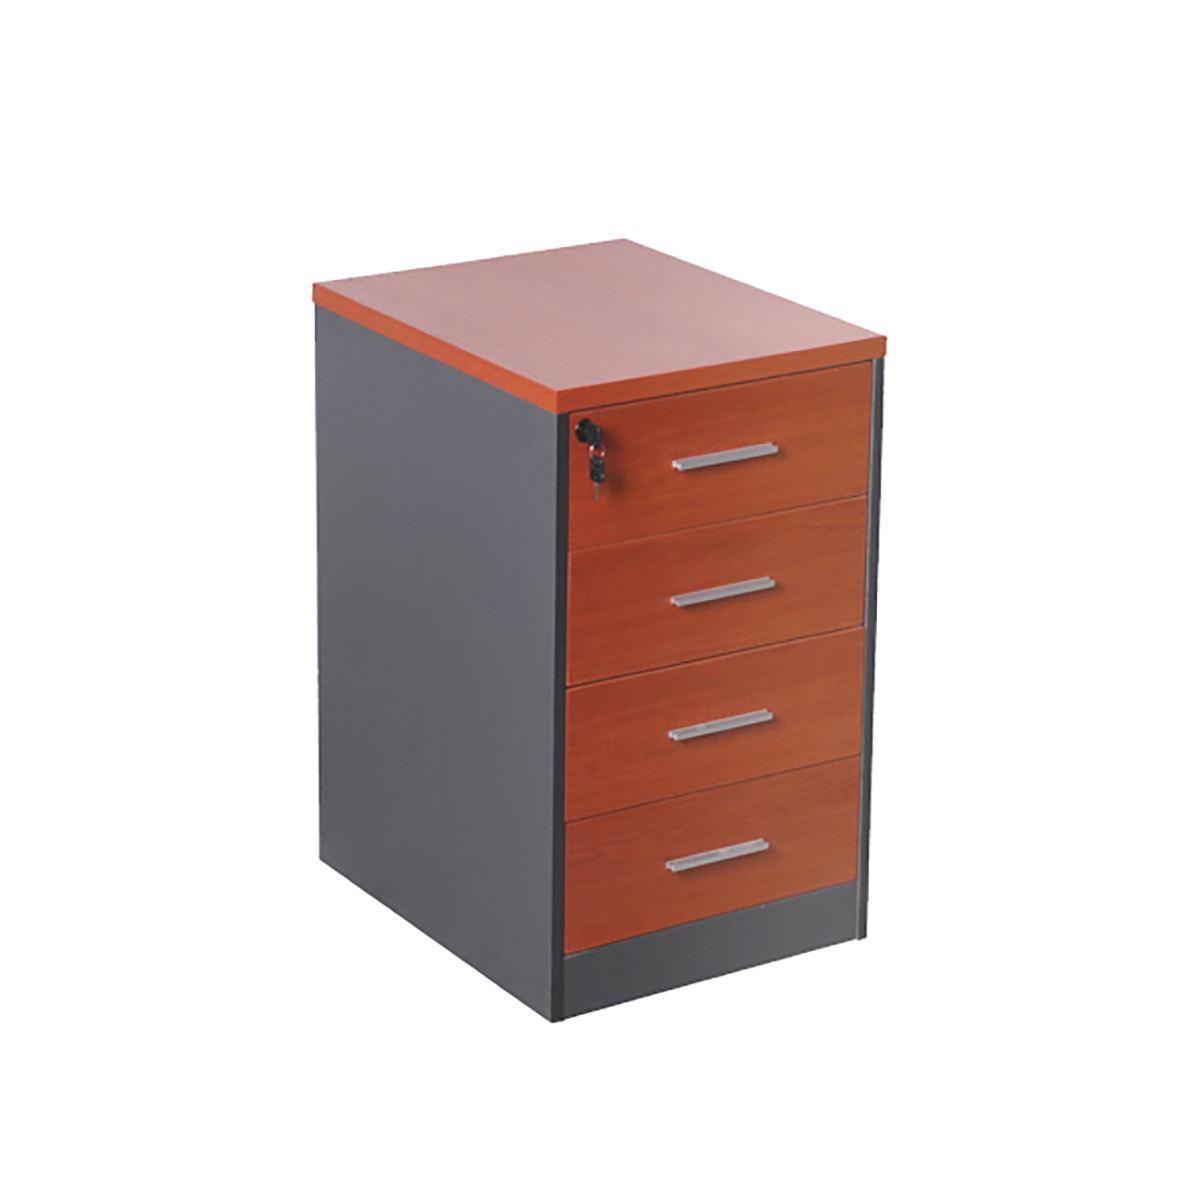 Cajonera 4 cajones muebles de oficina decoprosillas - Cajonera de oficina ...